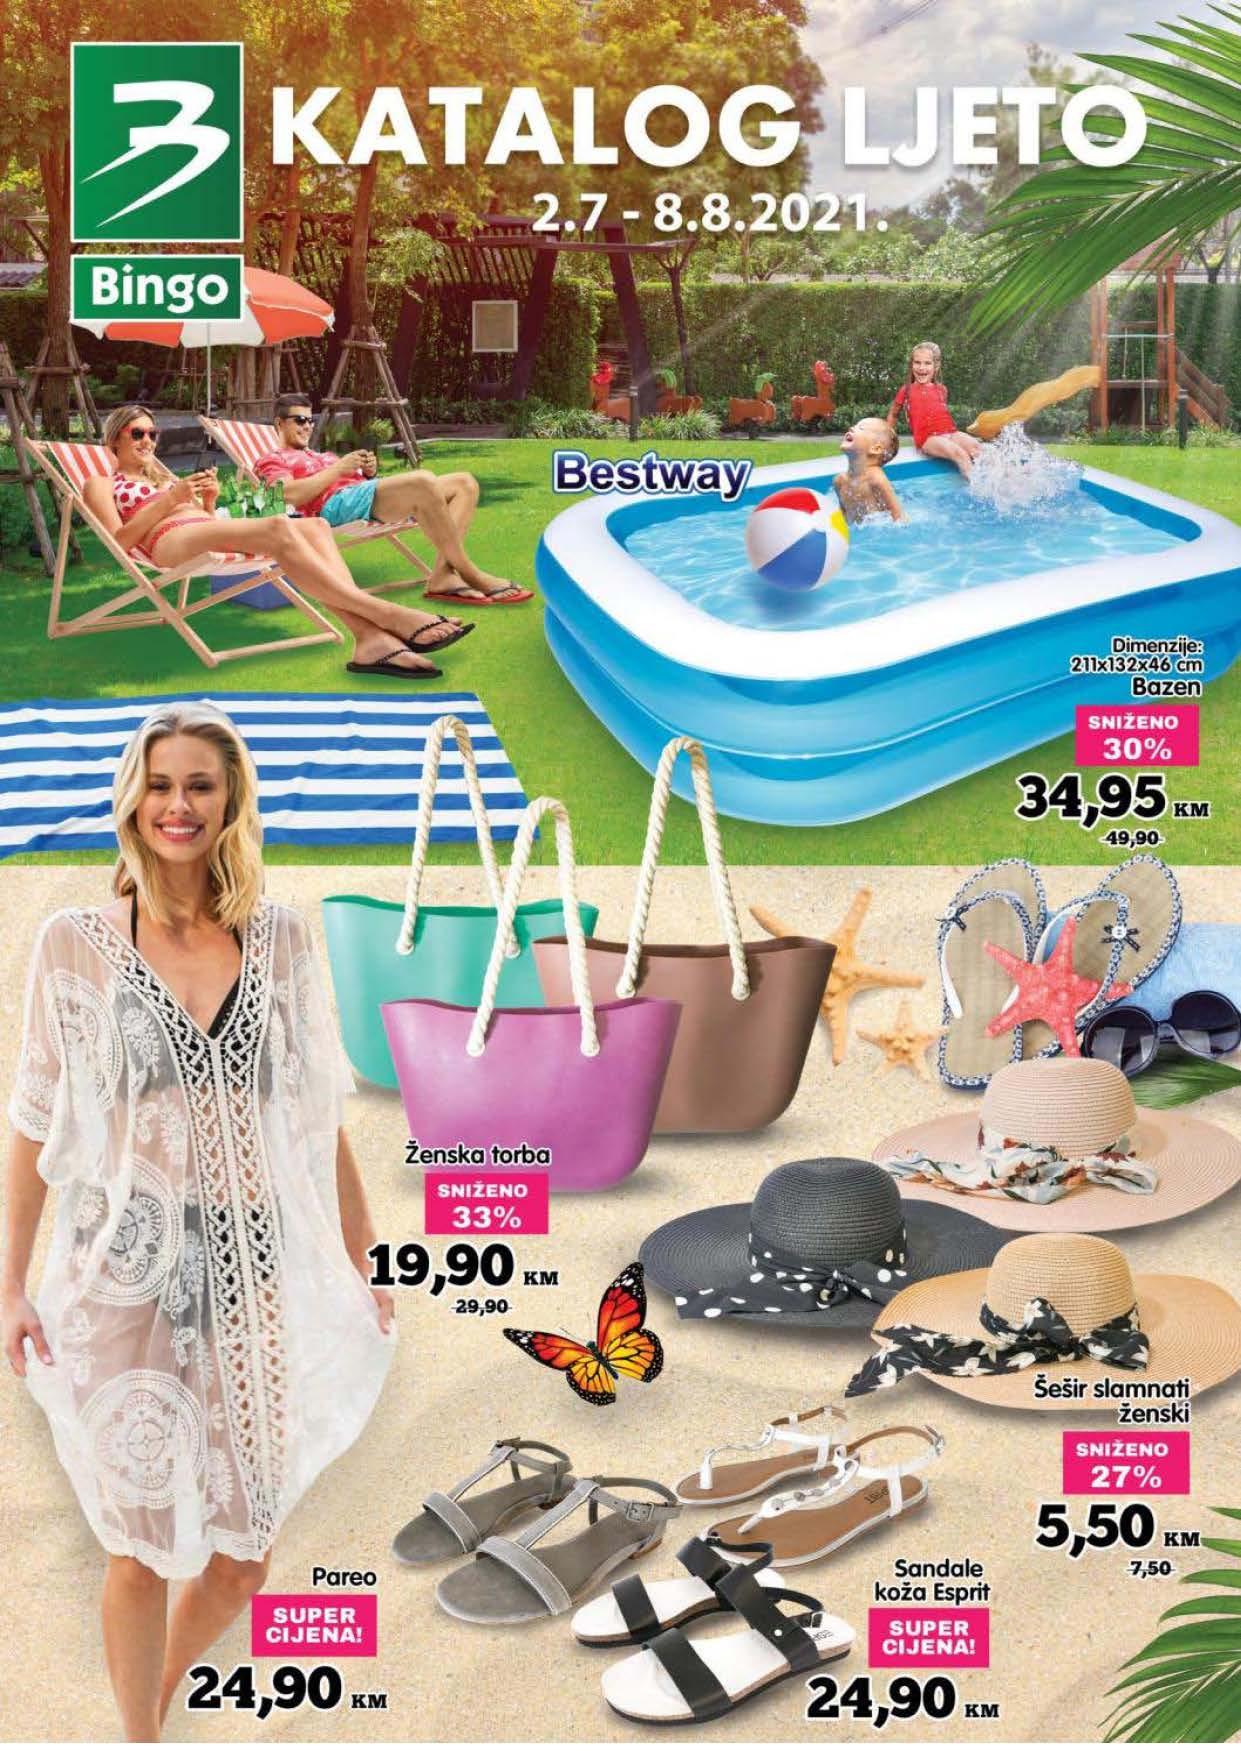 BINGO Katalog Velika akcija LJETO JUL 2021 2.7.2021. 8.8.2021. ekatalozi.com Page 01